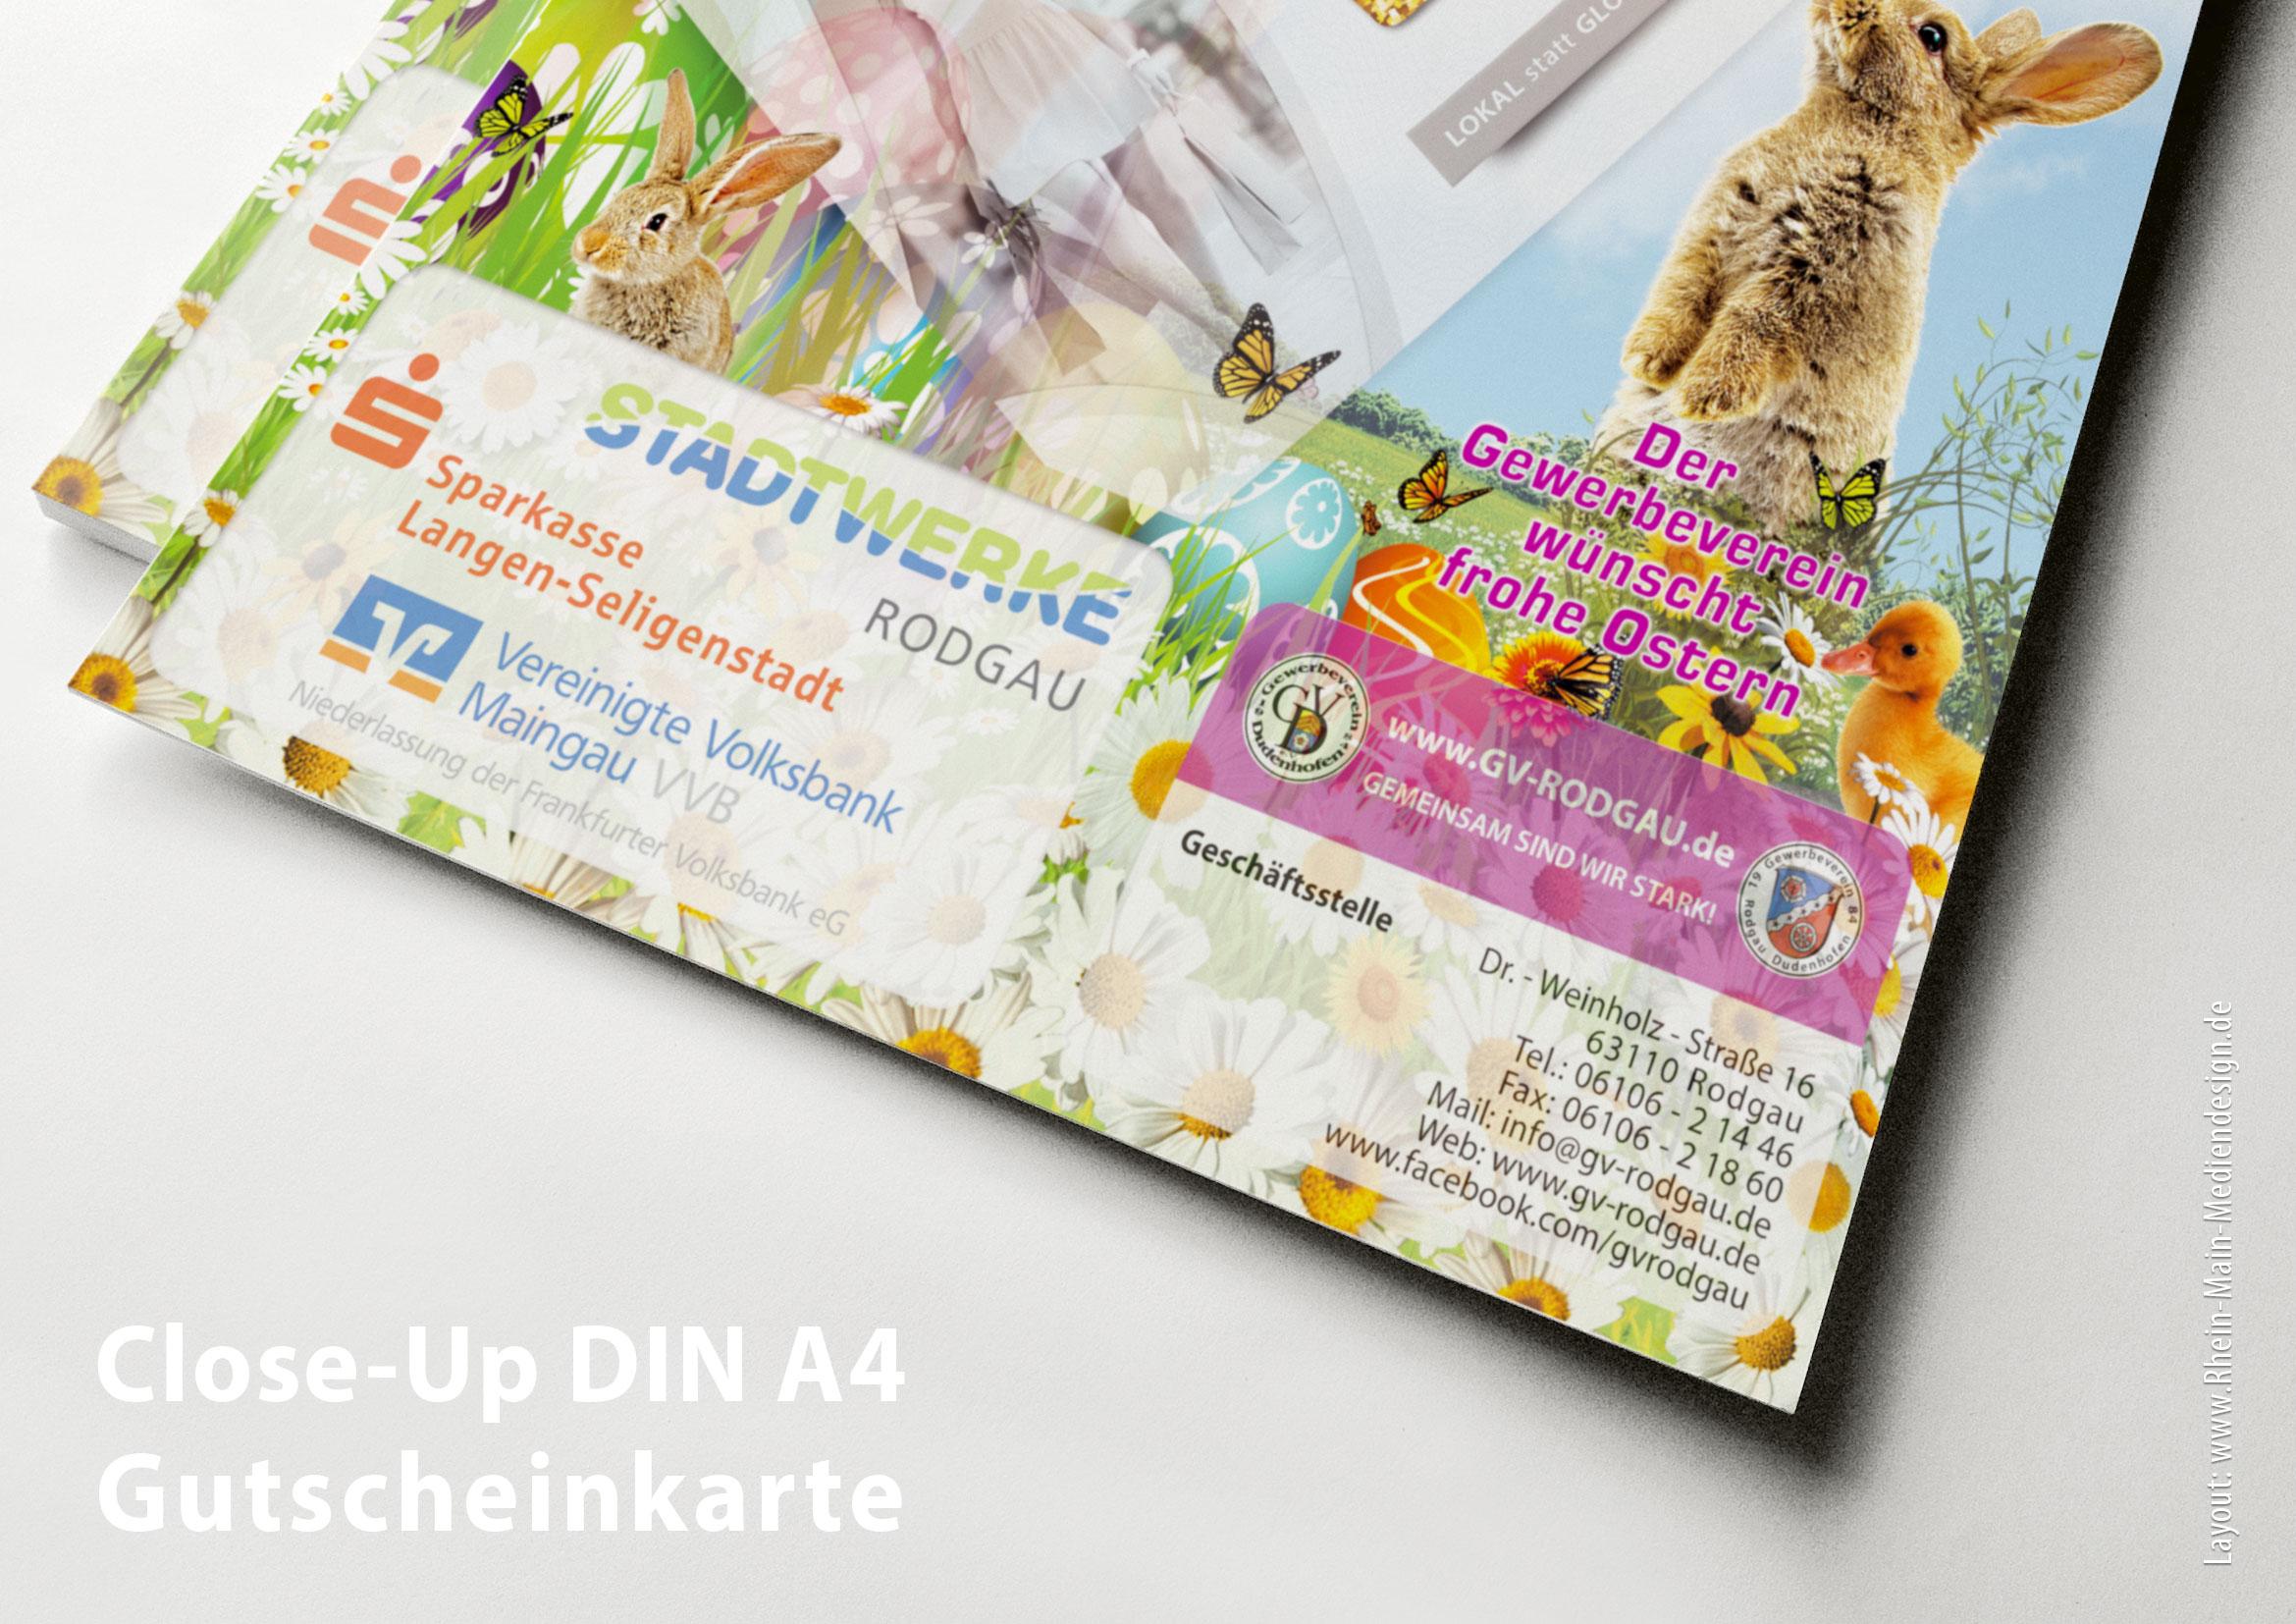 04042016 Der Rodgauer Einkaufsgutschein